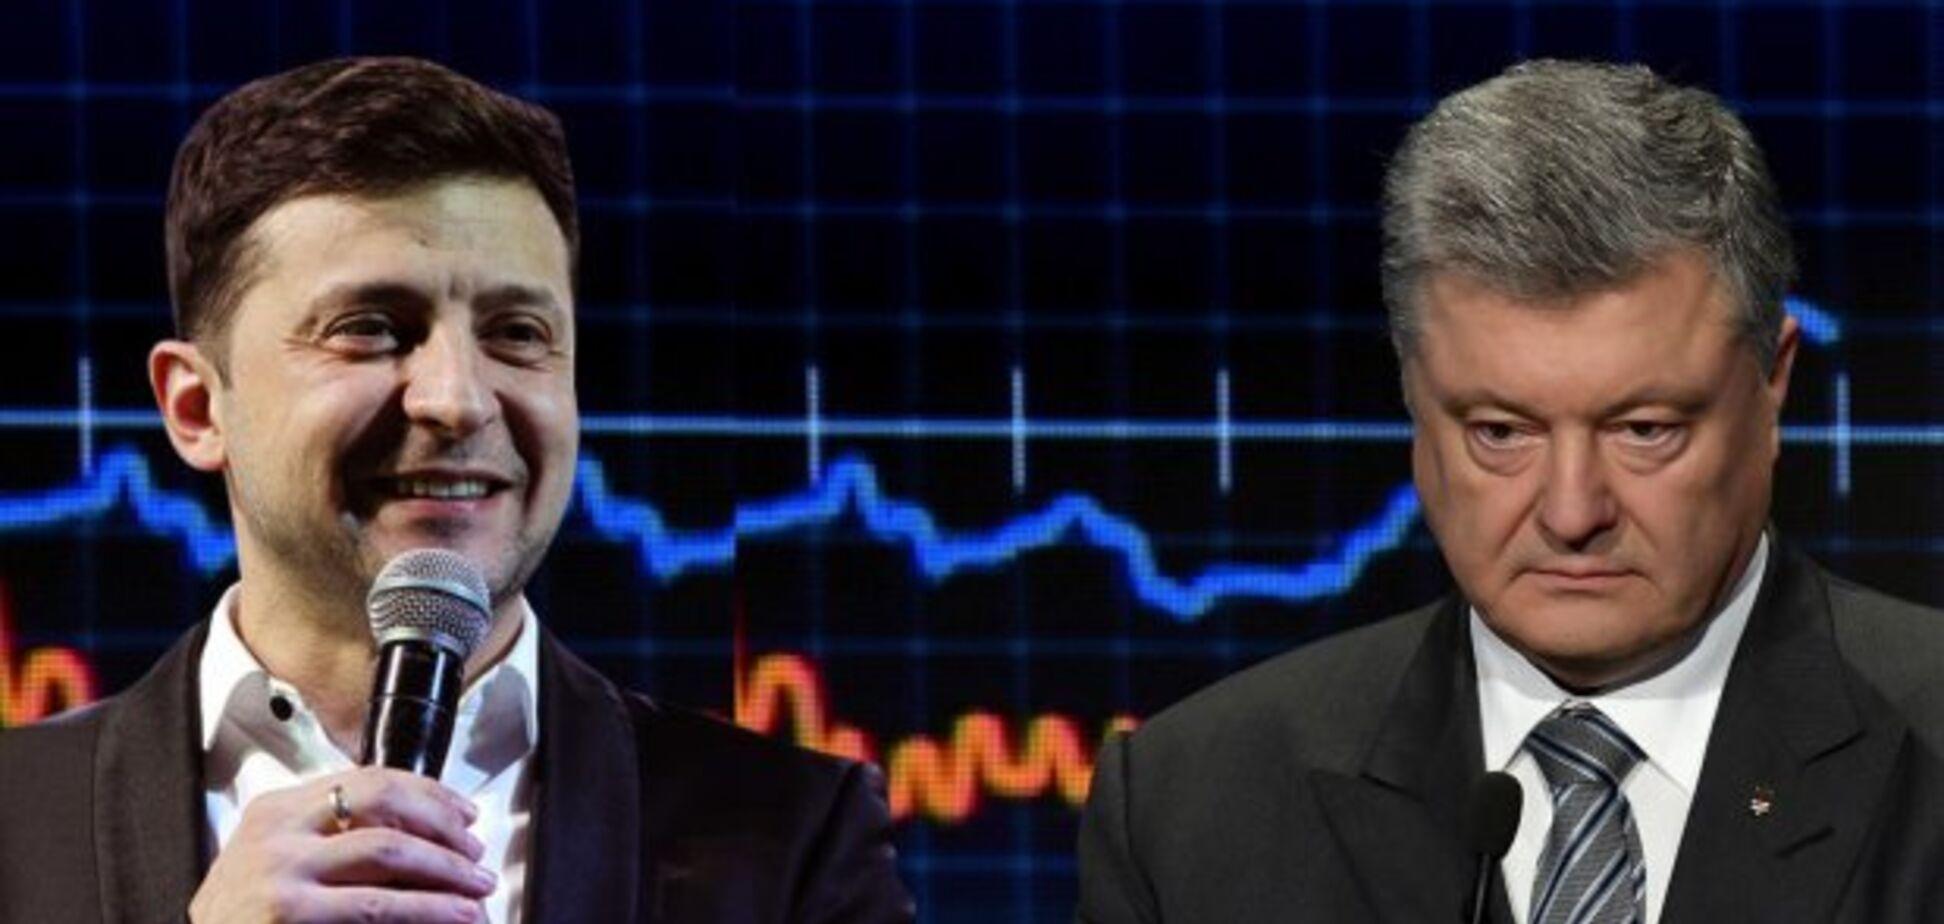 Зеленський vs Порошенко: психолог розповів, хто швидше 'вигорить' на дебатах